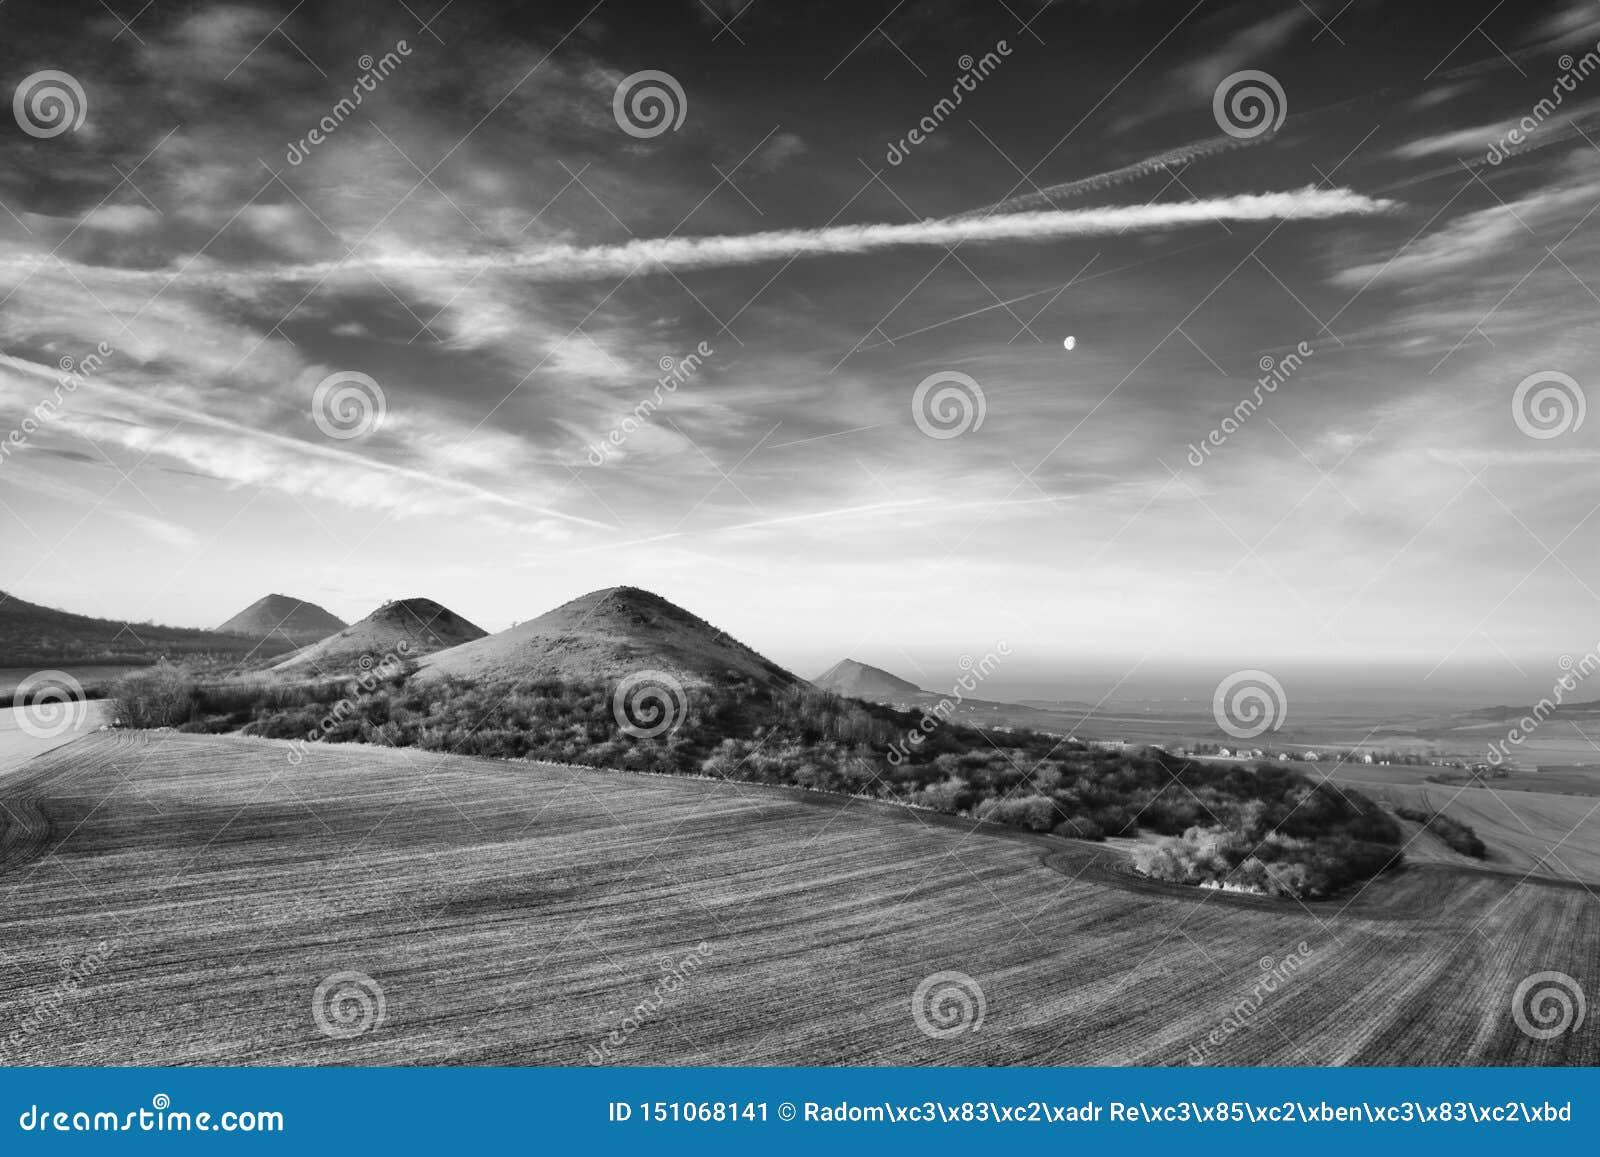 Восход солнца в центральных богемских гористых местностях, чехия